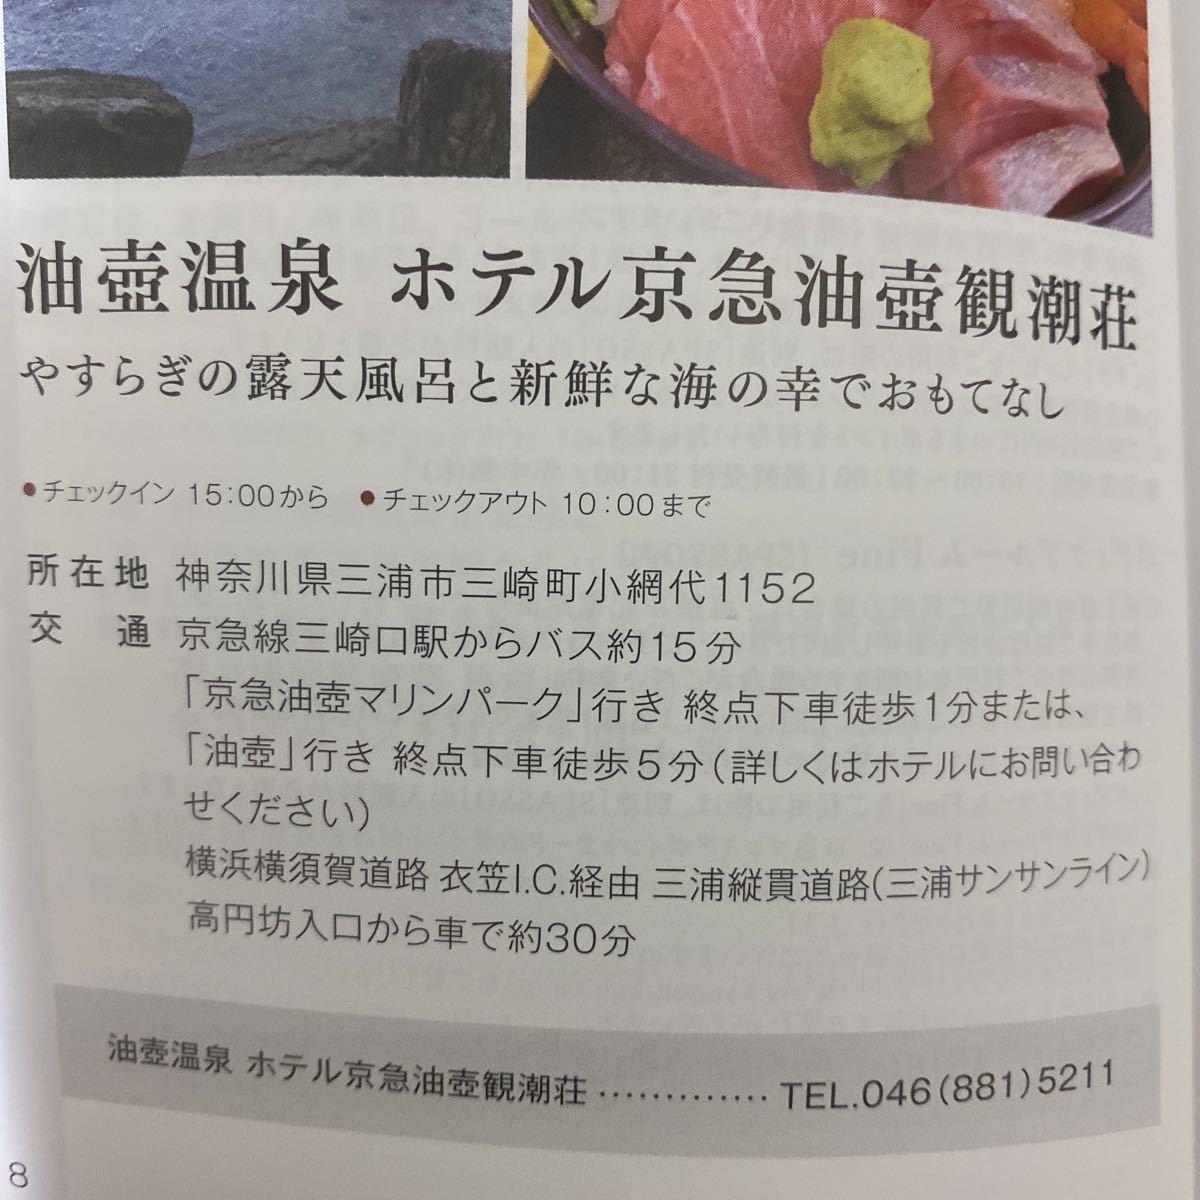 油壺温泉 ホテル京急油壺観潮荘 割引券_画像3